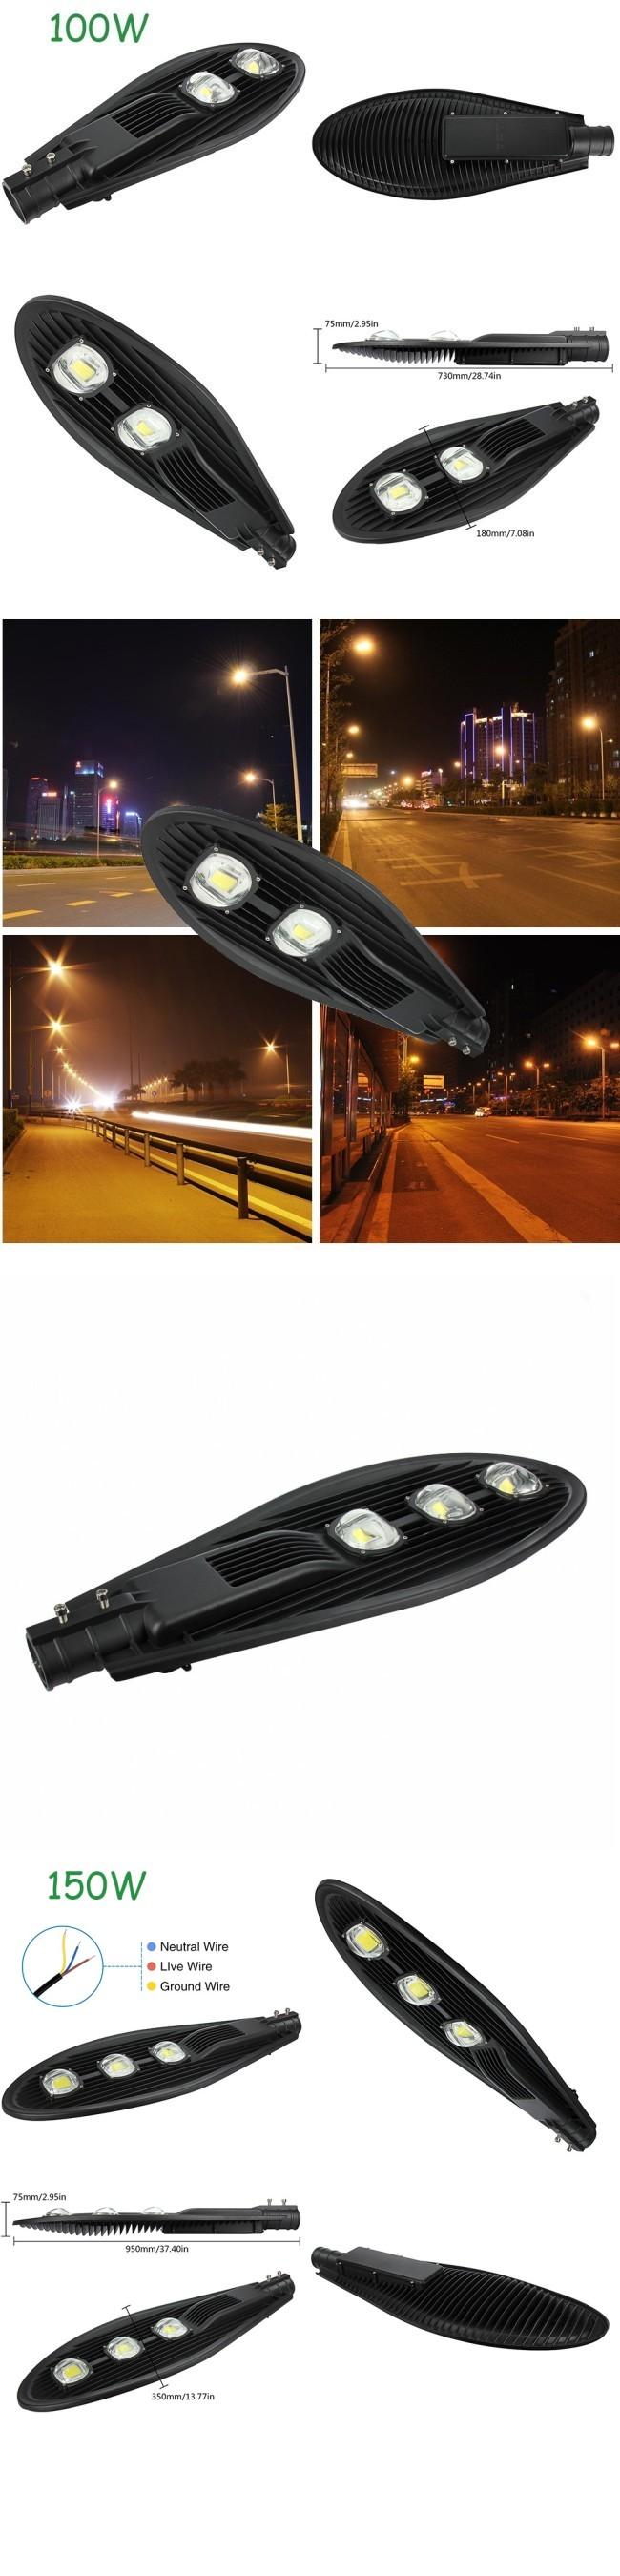 Black Housing Bridgelux COB 40W LED Street Light Fixture Outdoor IP65